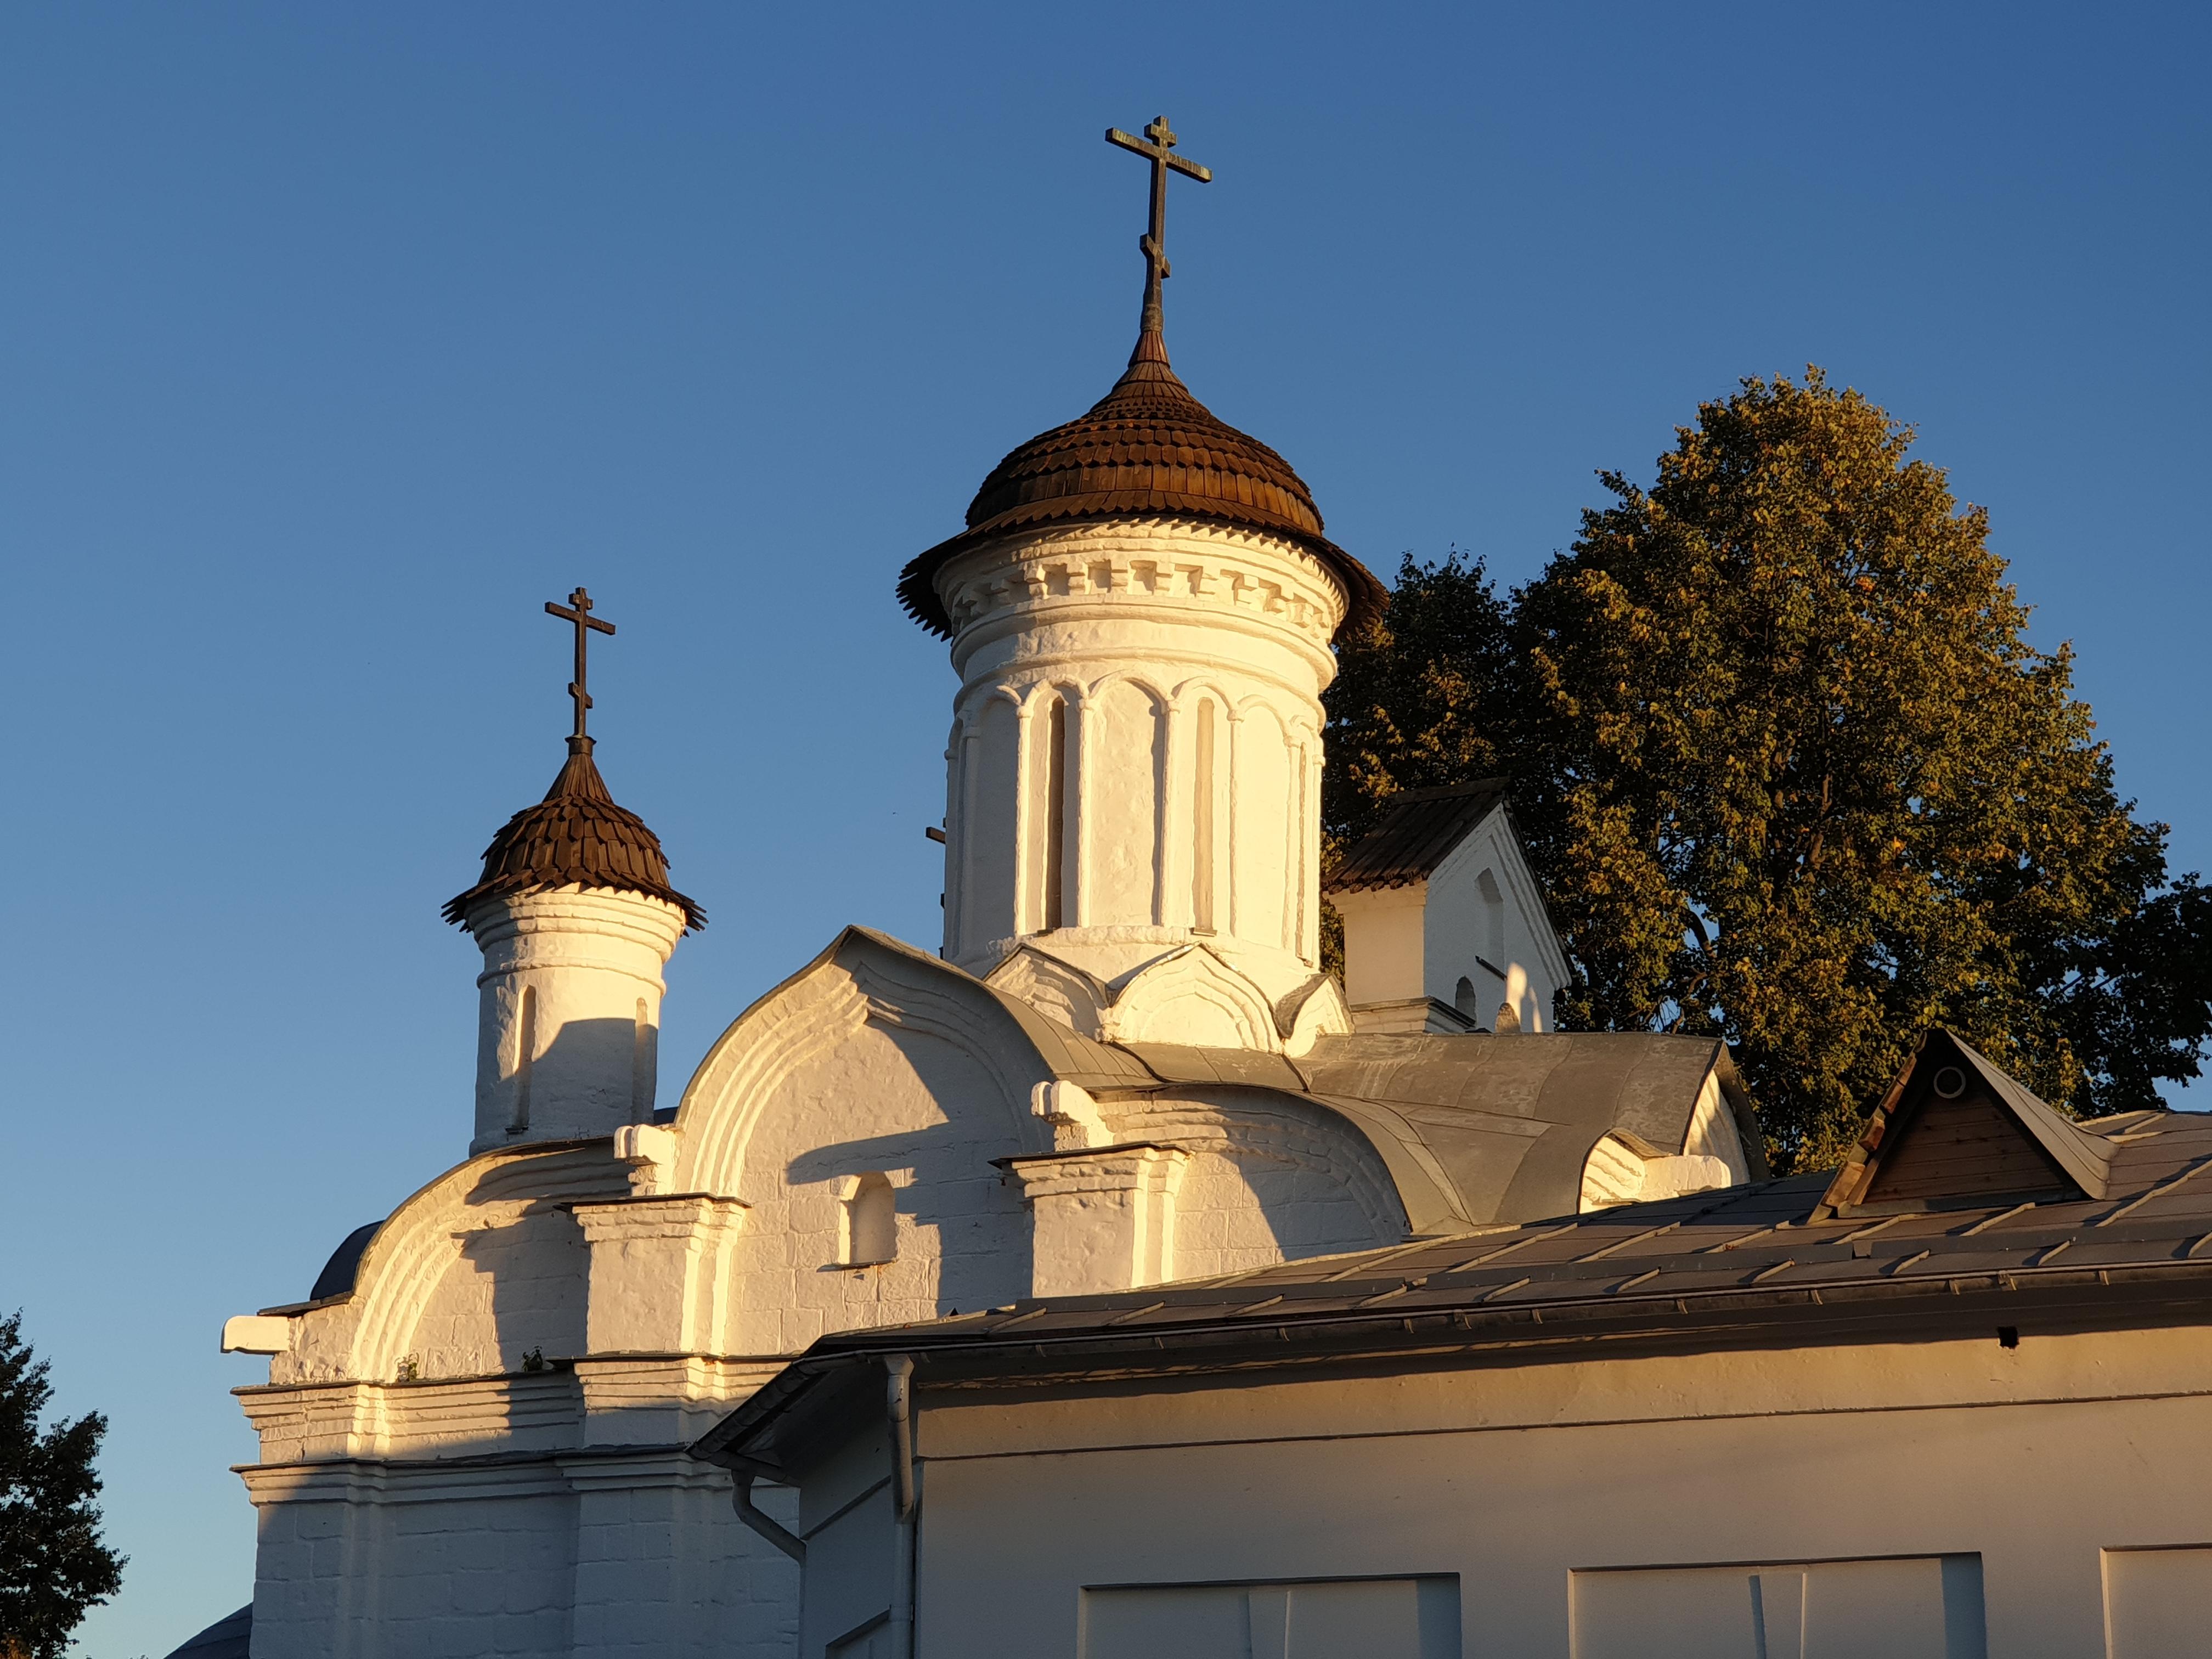 Охрана храмов и религиозных объектов